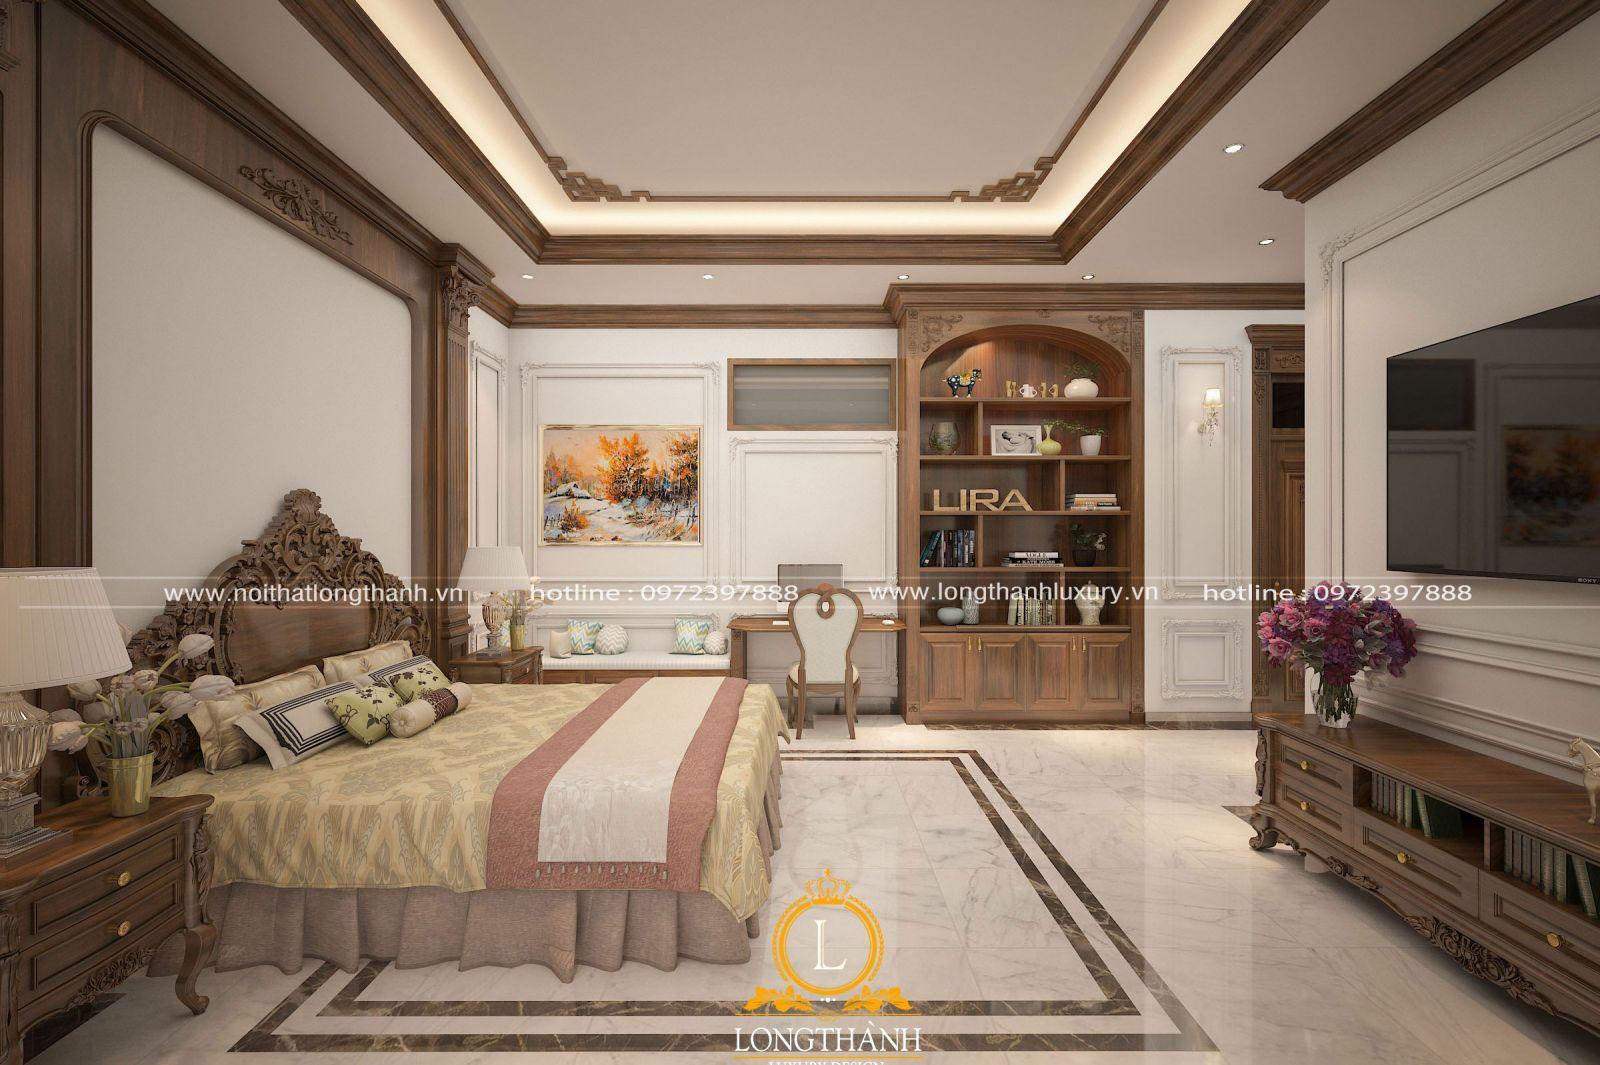 Phòng ngủ tân cổ điển với trần thạch cao ốp gỗ ấn tượng